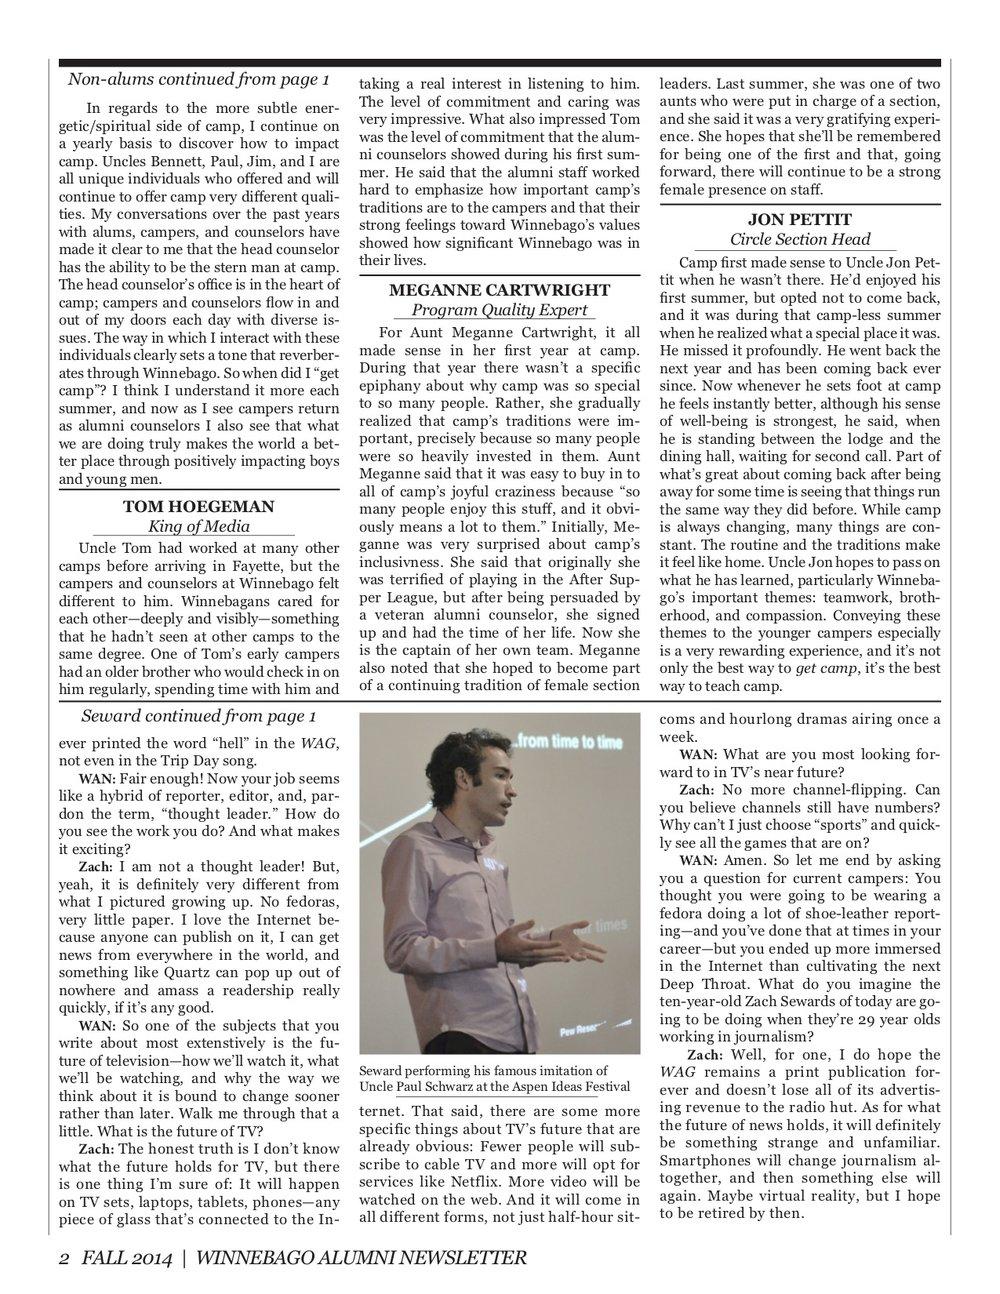 2014 Fall Newsletter 2.jpg